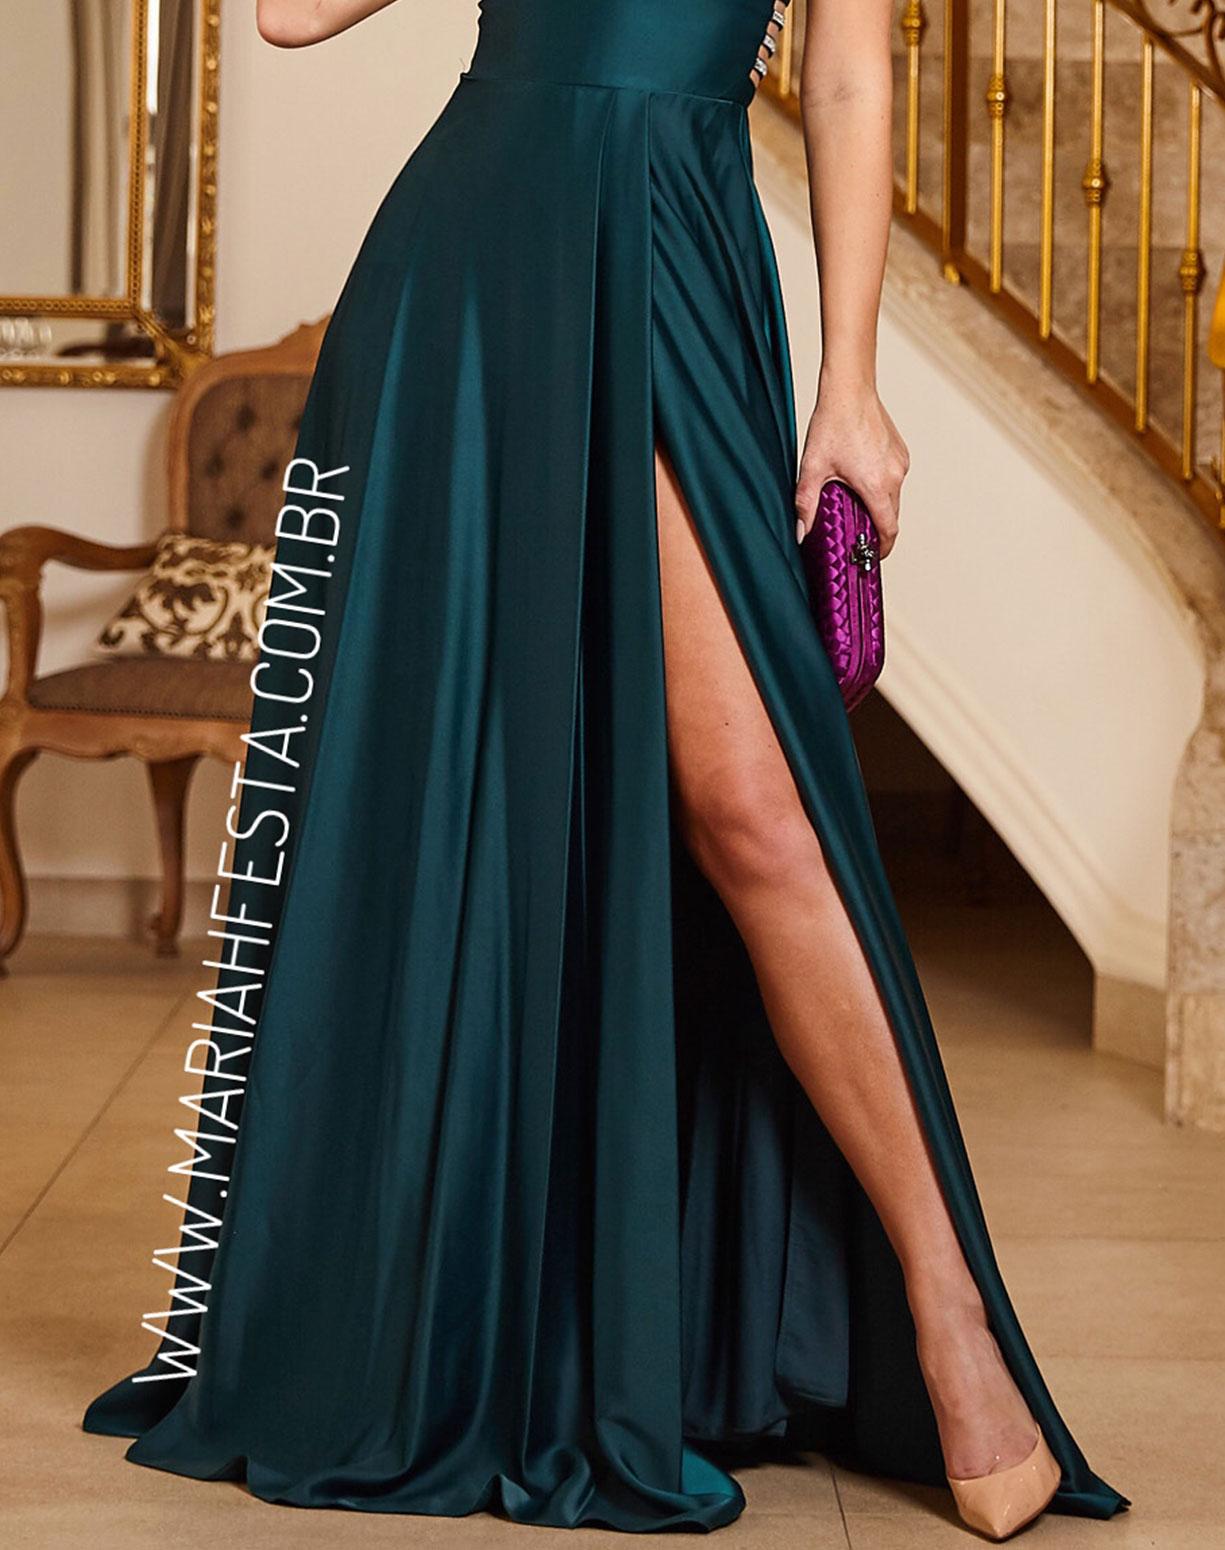 Vestido Verde Esmeralda com Fenda e Bordado nas Costas